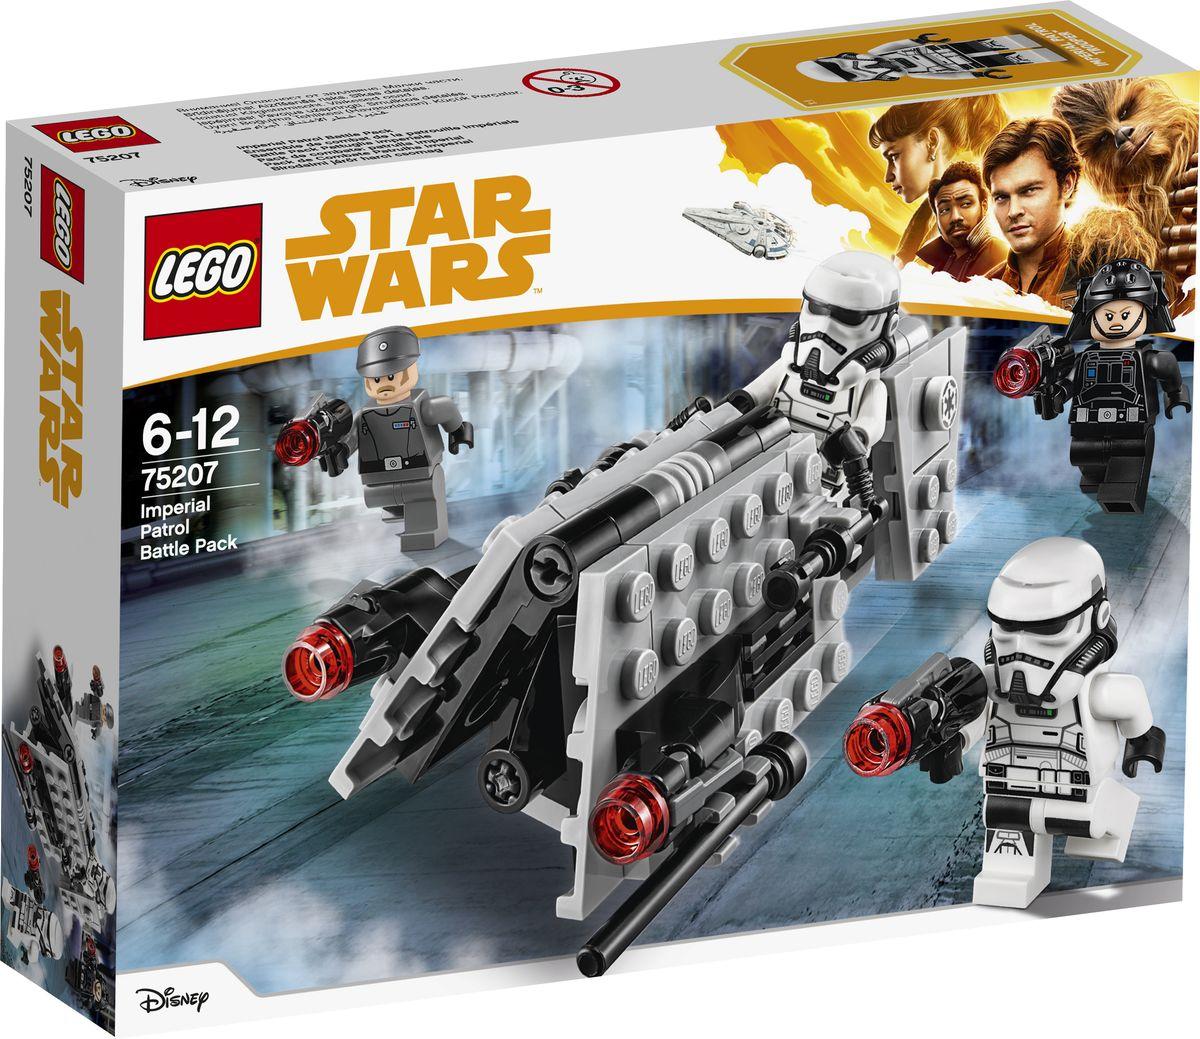 Фото LEGO Star Wars Конструктор Боевой набор имперского патруля